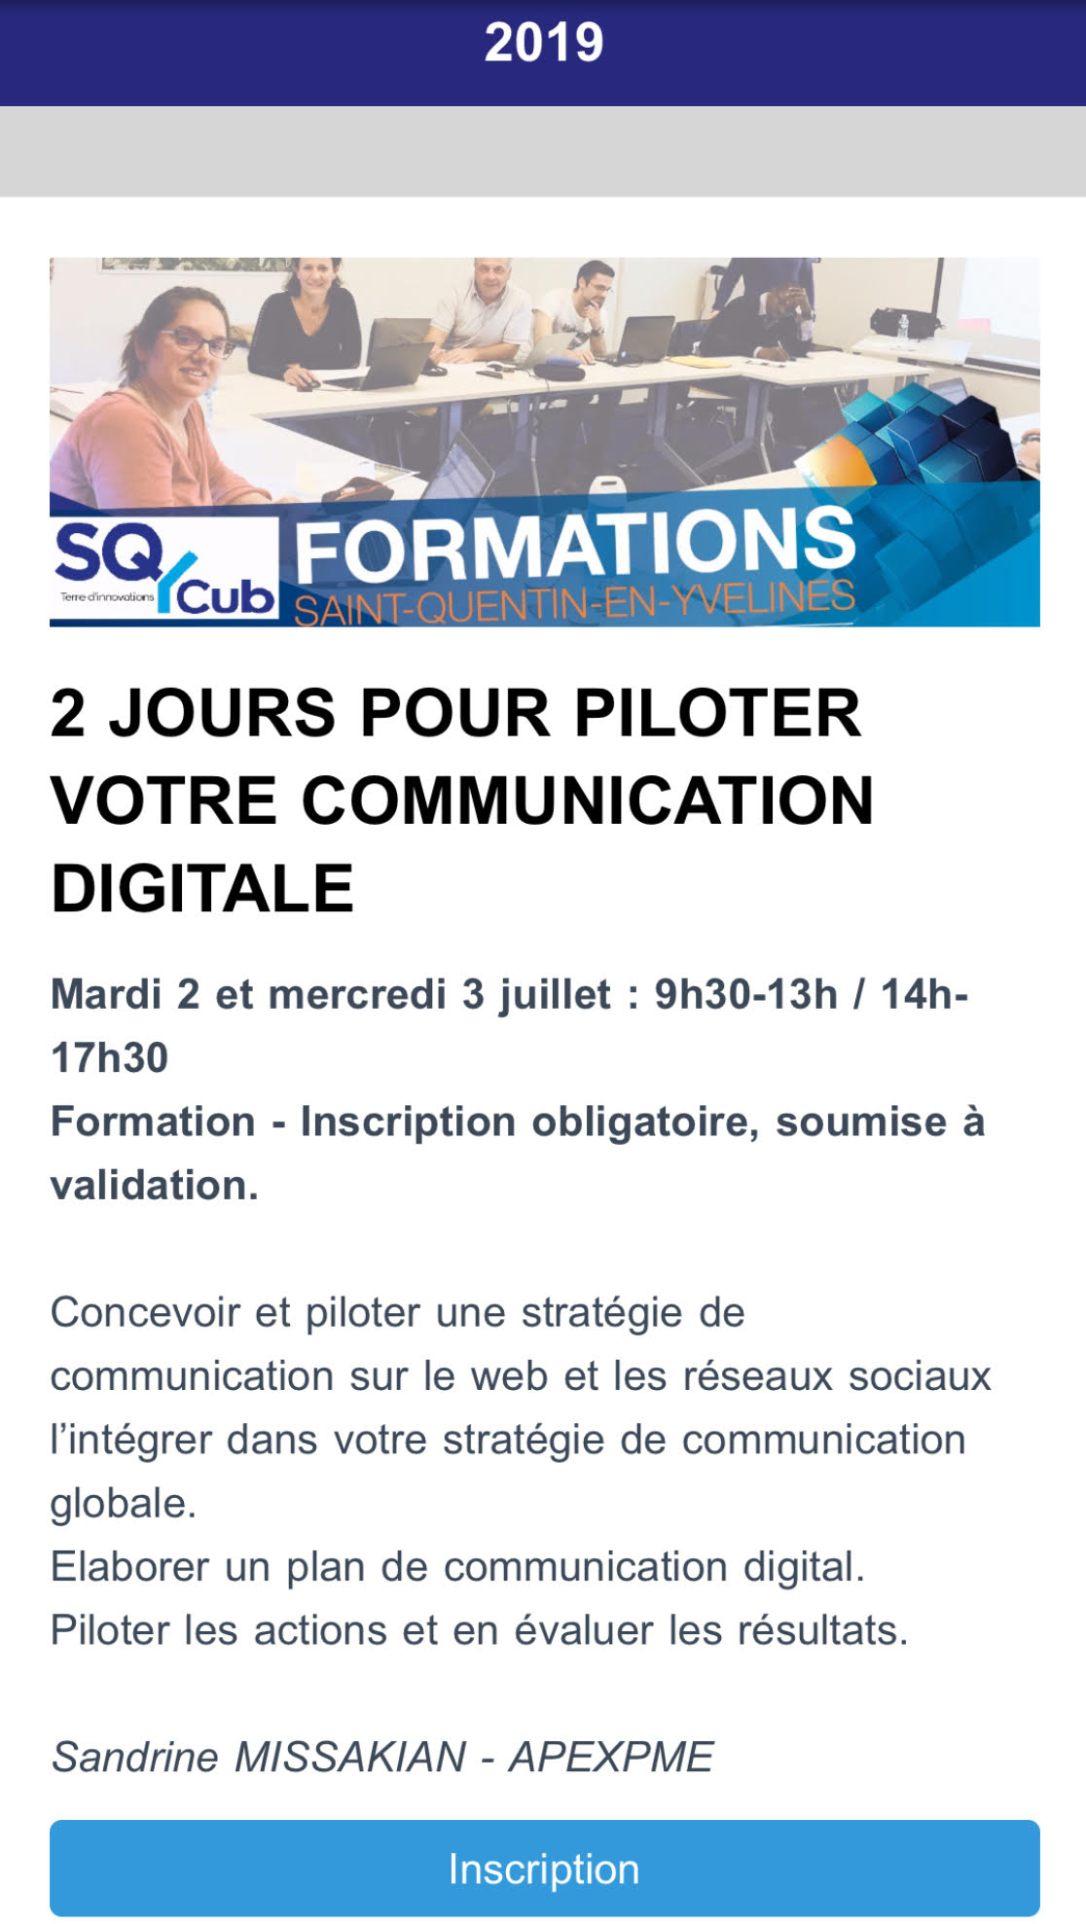 sqy cub 2019 formation communication digitale